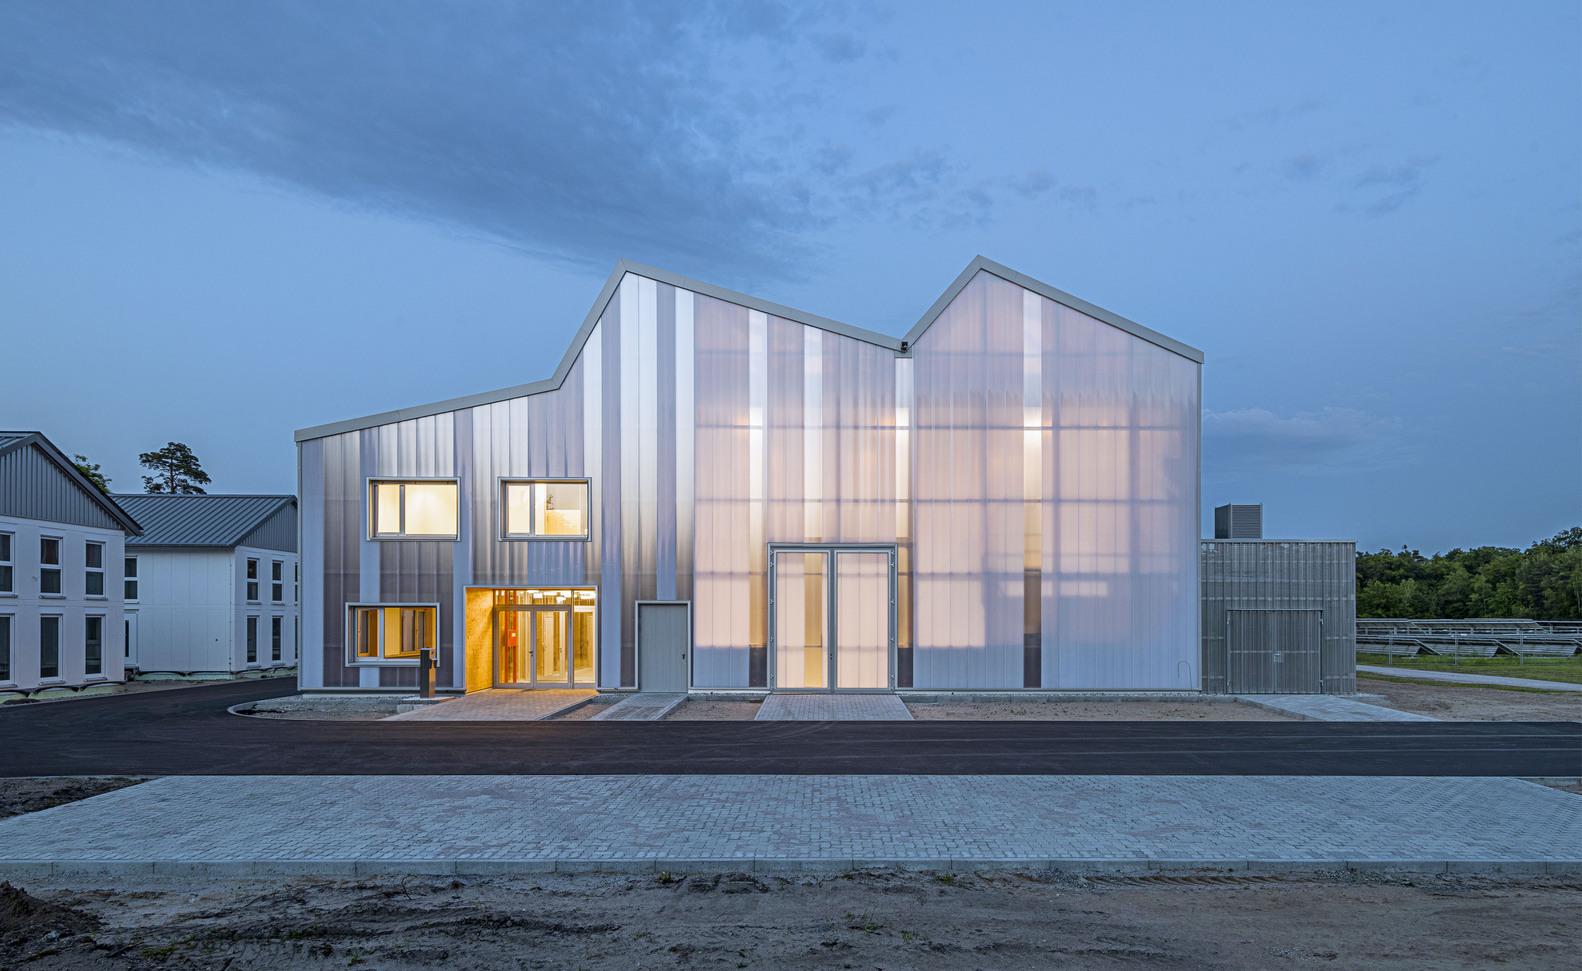 KIT Energy Lab / Behnisch Architekten